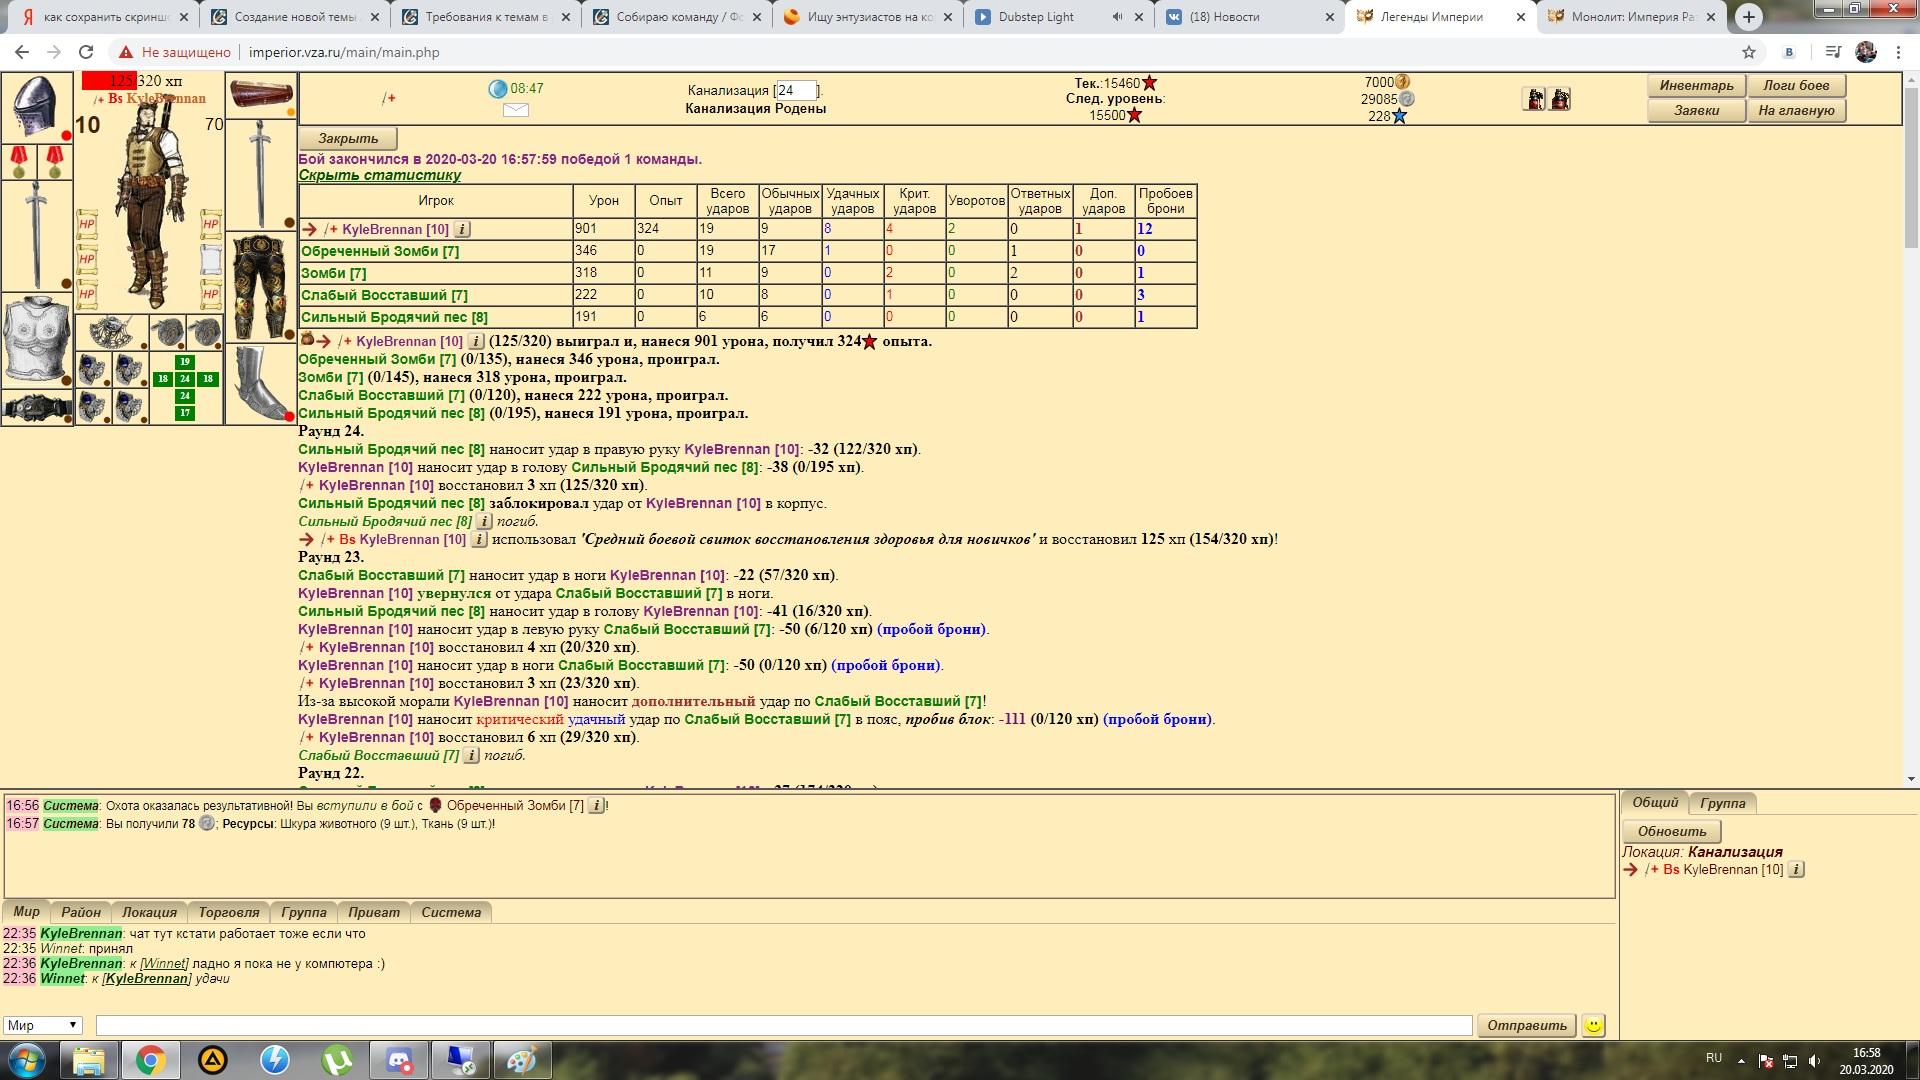 Пример результатов боя | Ищем 2Д-художников, дизайнера интерфейса и т.п. олд-скульной браузерной ММО